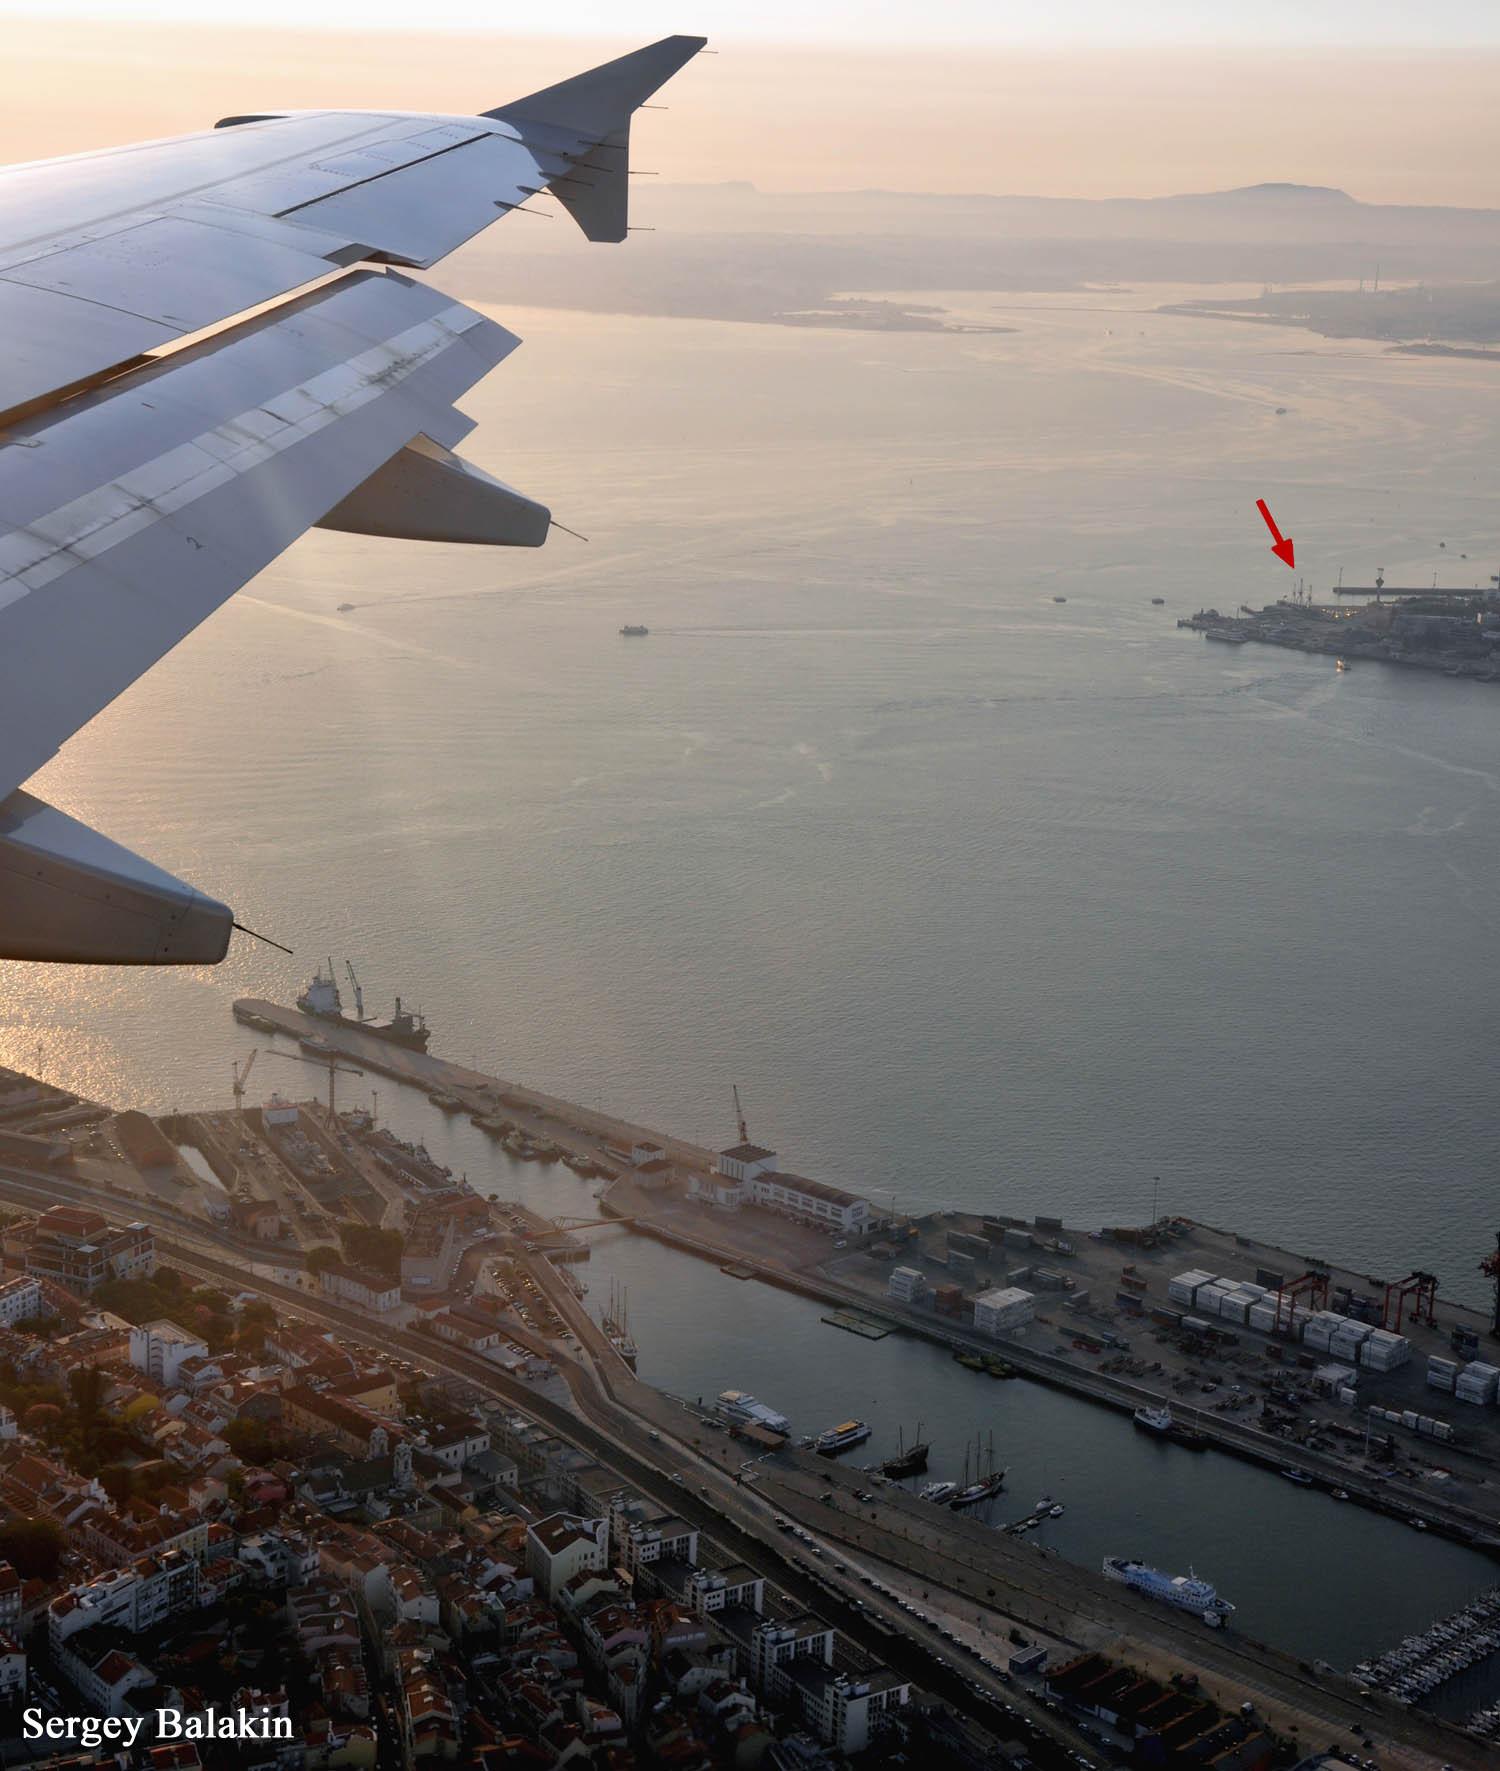 Фрегат «Дон Фернанду II э Глория» даже виден из иллюминатора самолета, когда тот заходит на посадку в аэропорт португальской столицы. Корабль-памятник отмечен красной стрелкой.